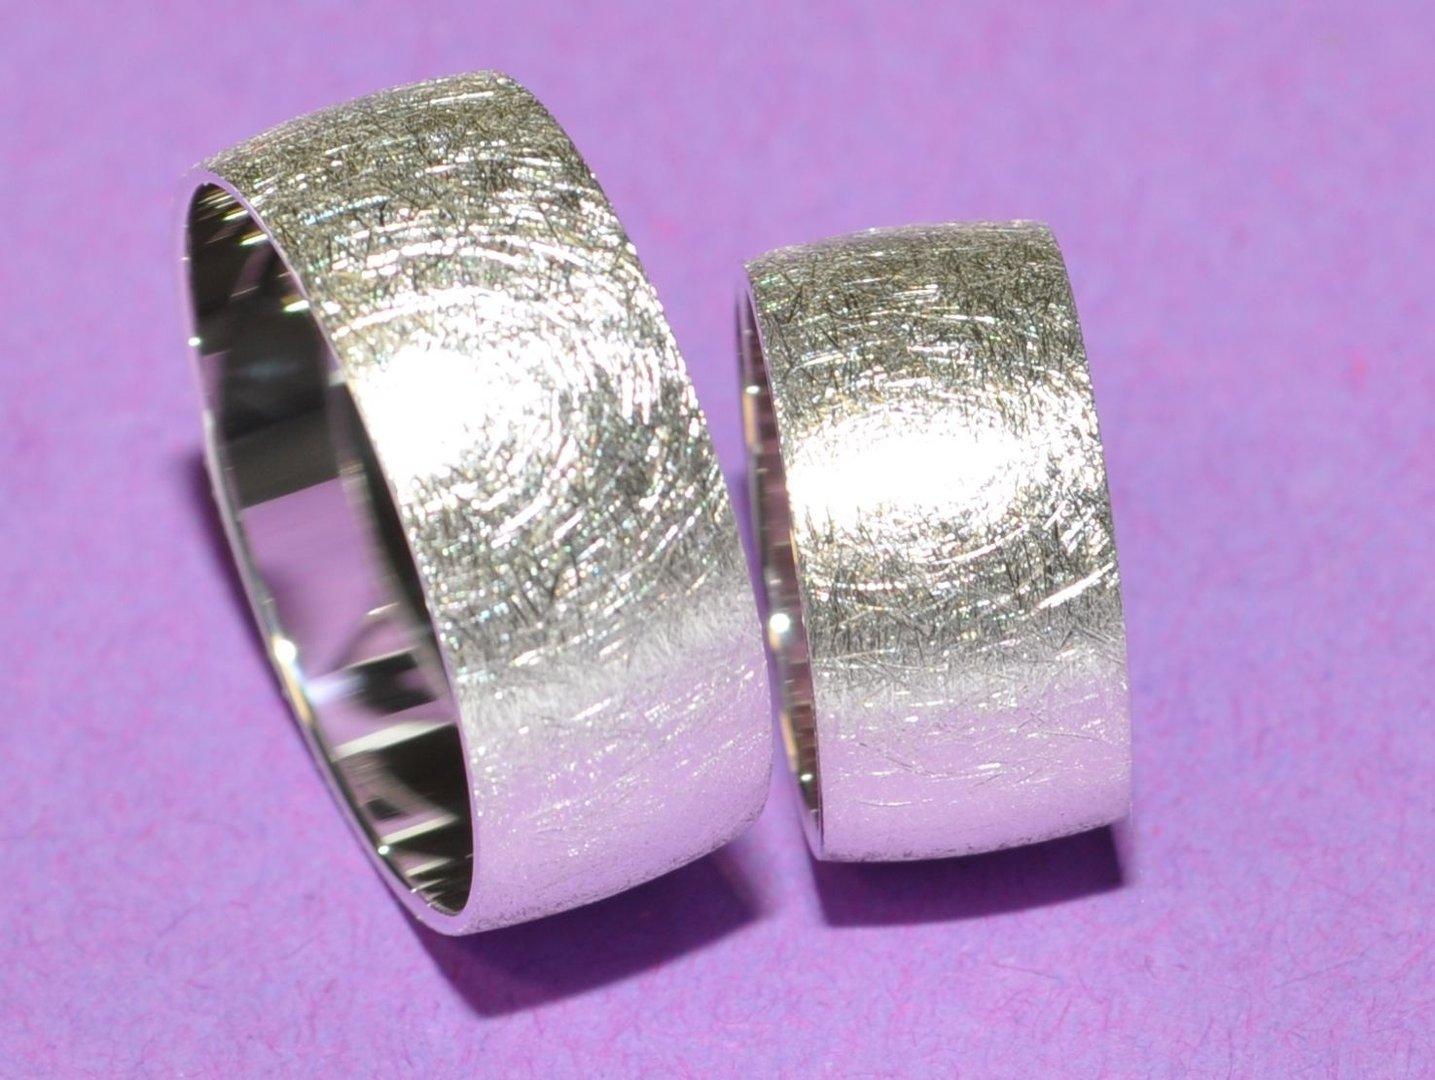 925 Silber Trauringe Eheringe Hochzeitsringe - Paarpreis - Breite 9mm ...